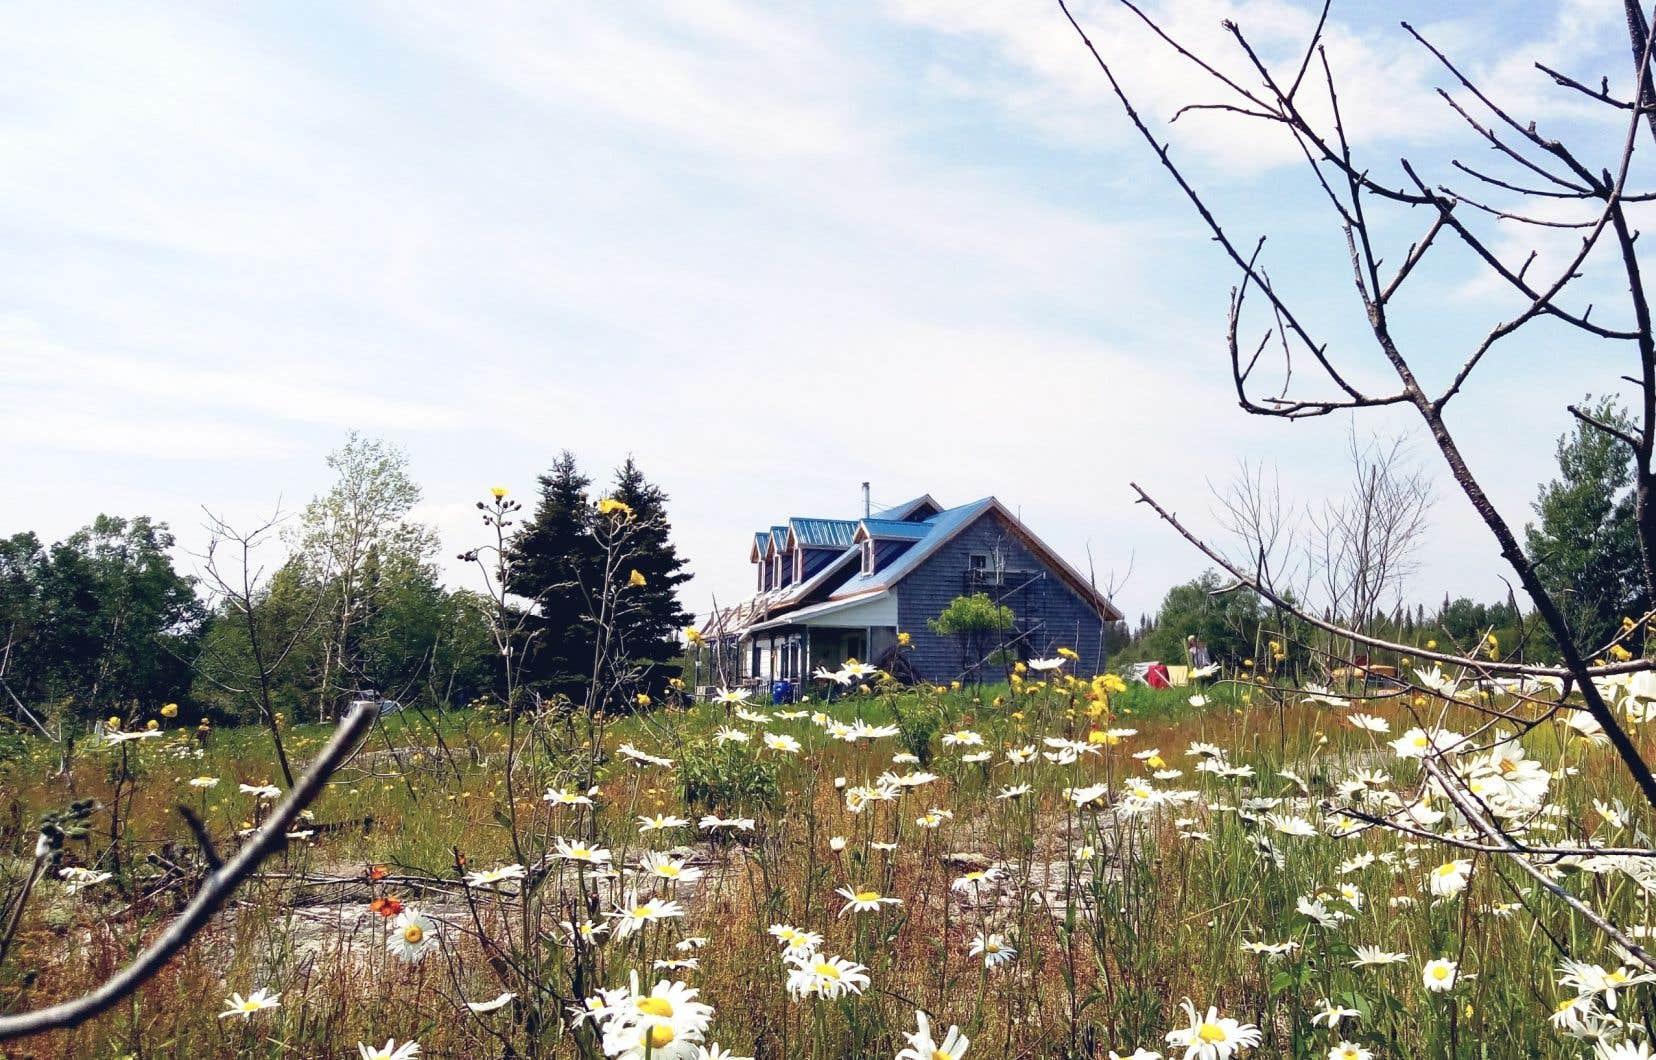 L'Auberge la Grande, située dans le petit village des Bergeronnes, sera prête à recevoir ses premiers visiteurs dès le 1<sup>er</sup>juillet.